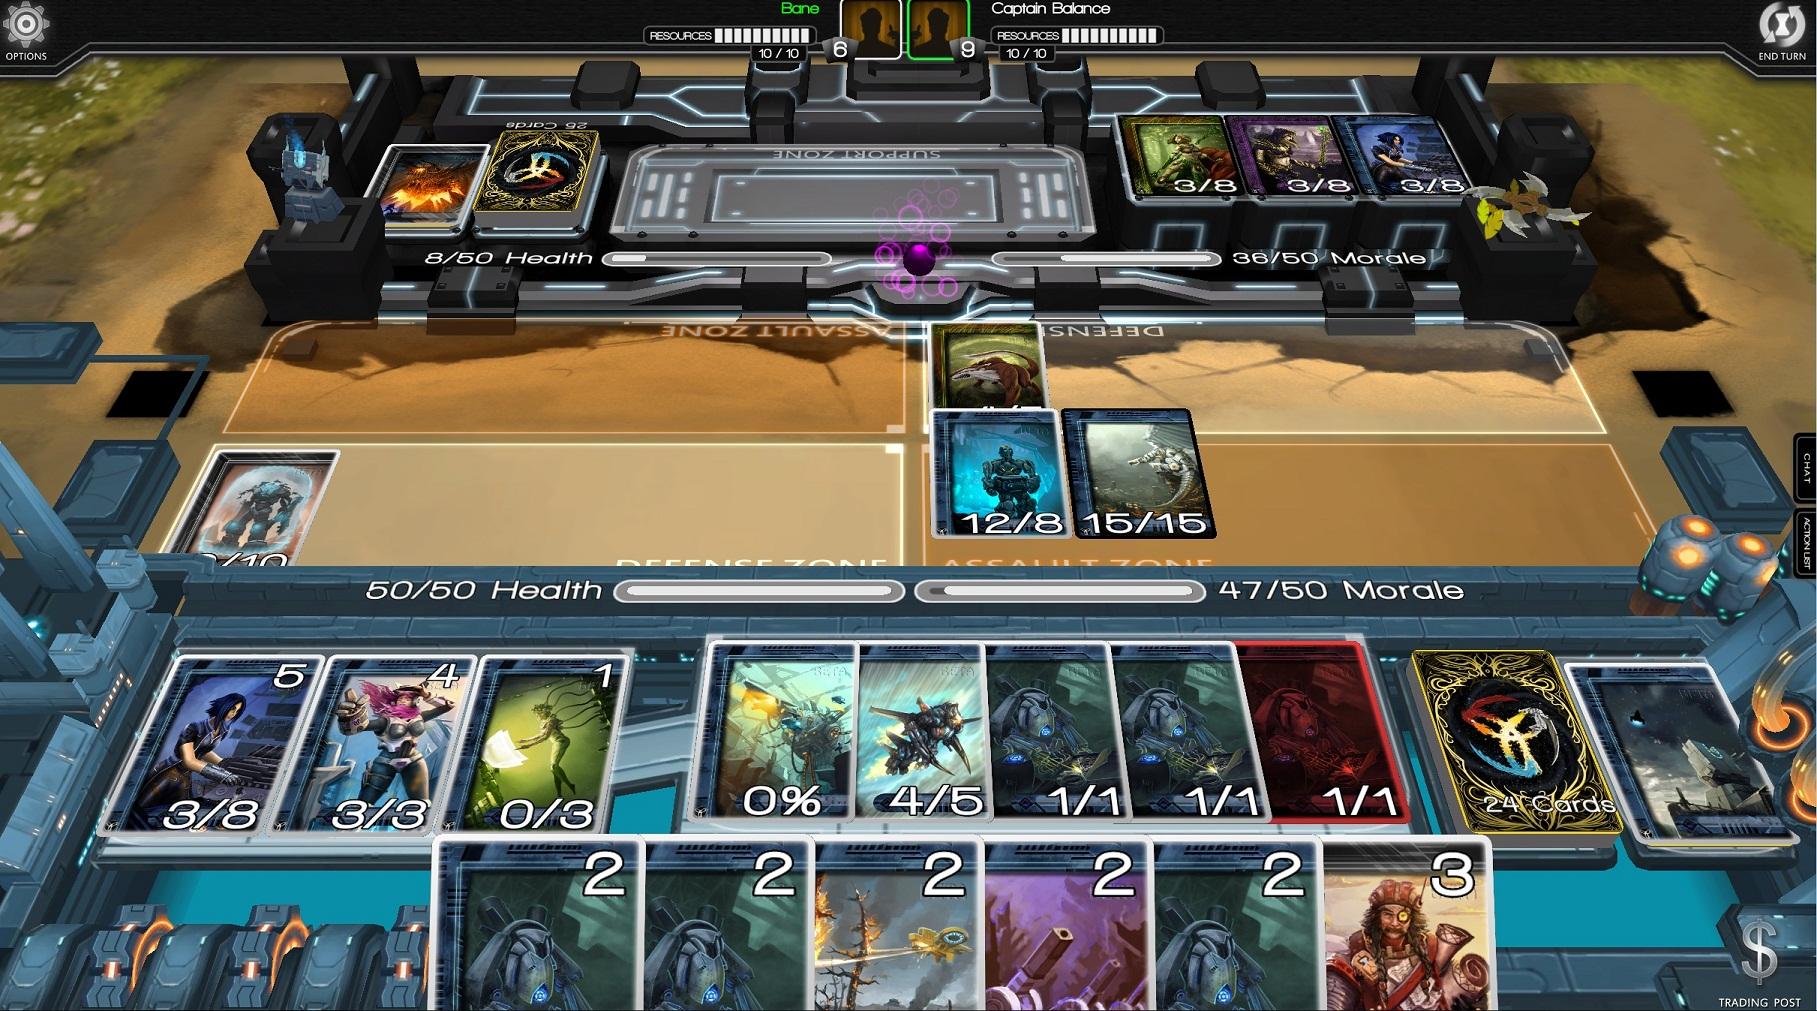 Infinity Wars - Game online bài ma thuật đang hấp dẫn được nhiều người Việt 1